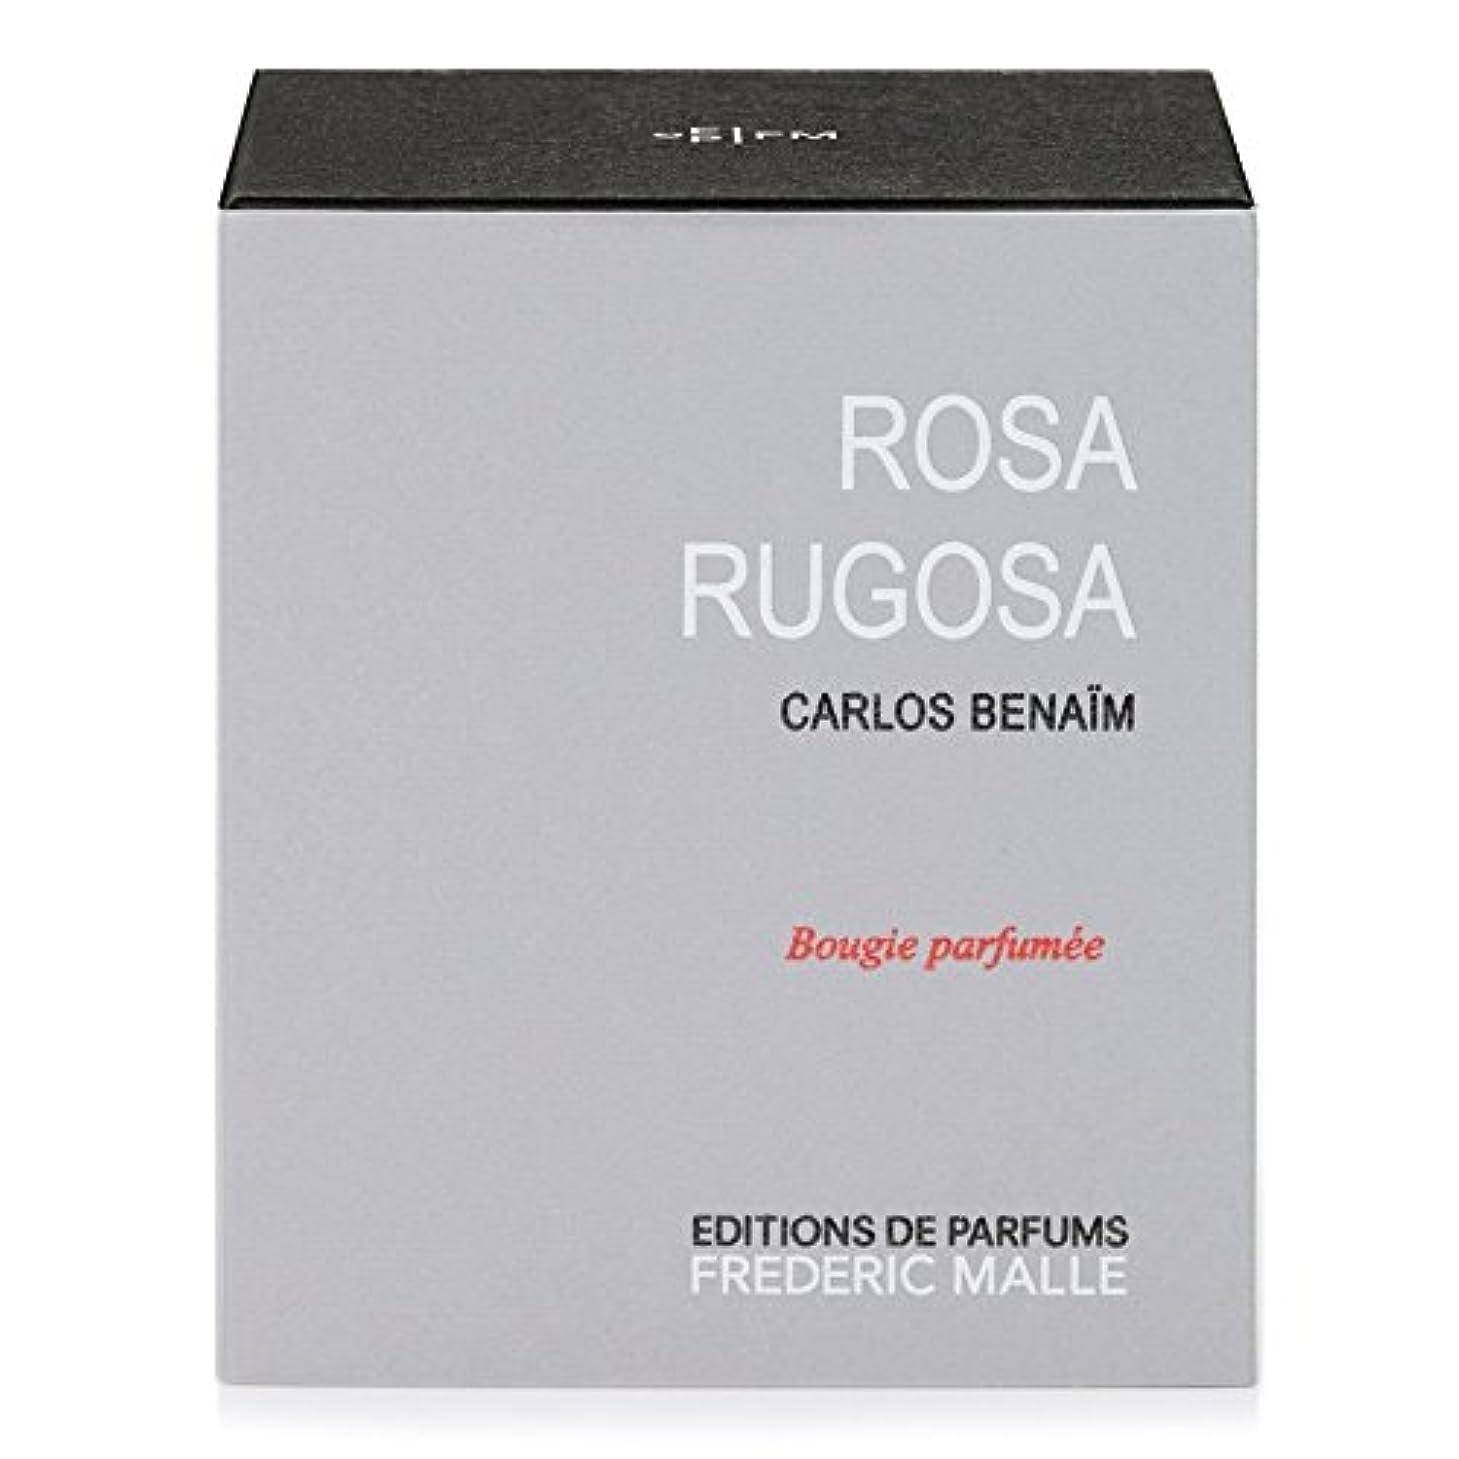 リーンむしゃむしゃ拡散するフレデリック?マルハマナスの香りのキャンドル x6 - Frederic Malle Rosa Rugosa Scented Candle (Pack of 6) [並行輸入品]